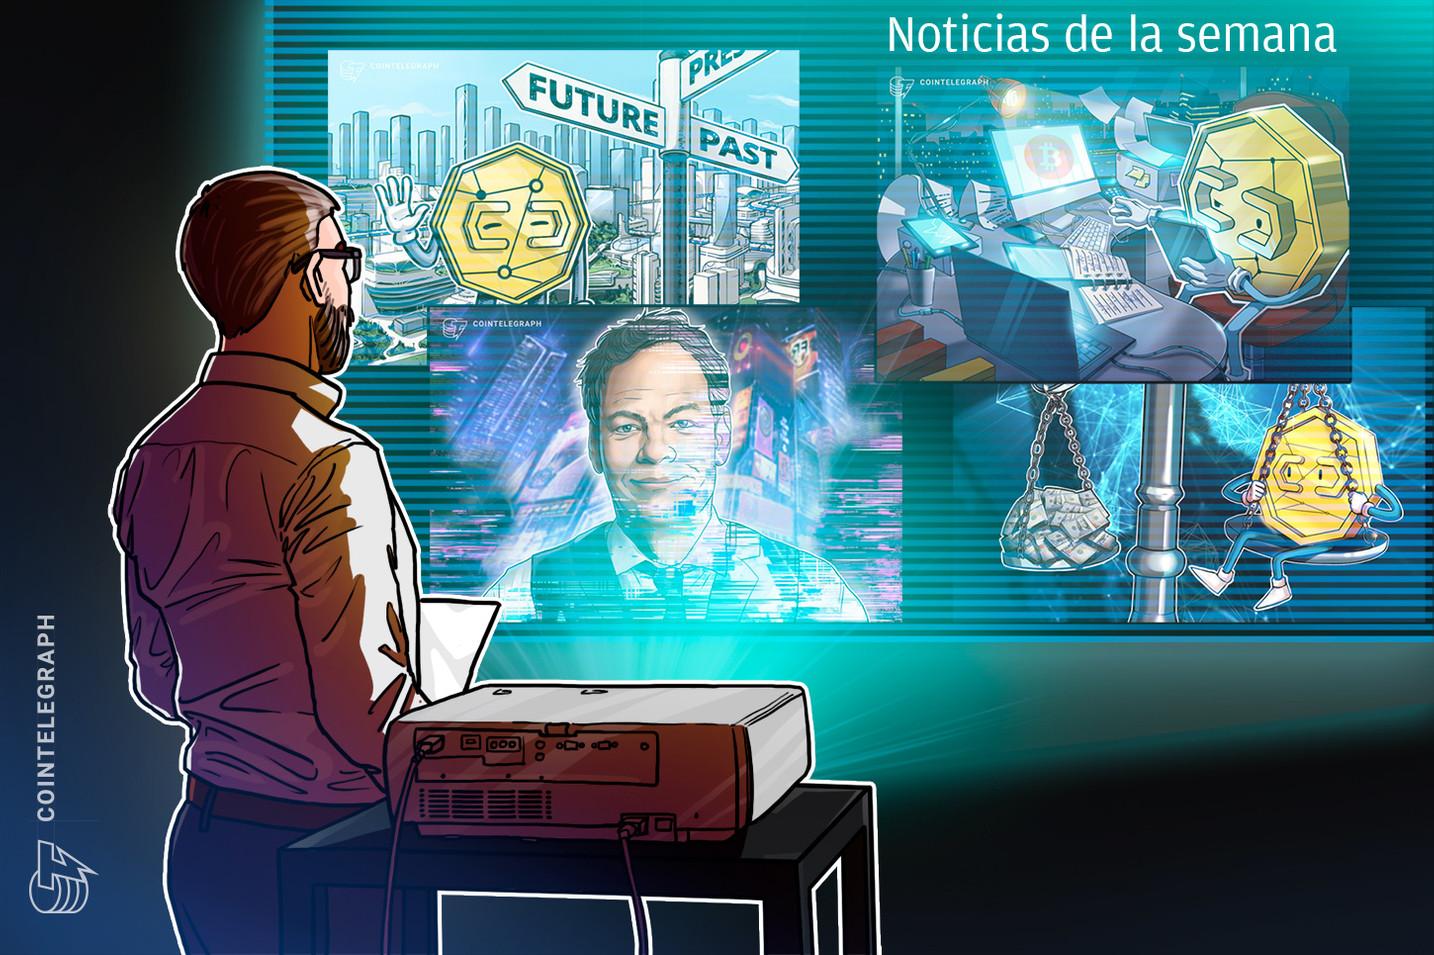 Top criptonoticias de la semana: Max Keiser viendo el precio de Bitcoin en 28.000 dólares, el futuro del dinero y mucho más